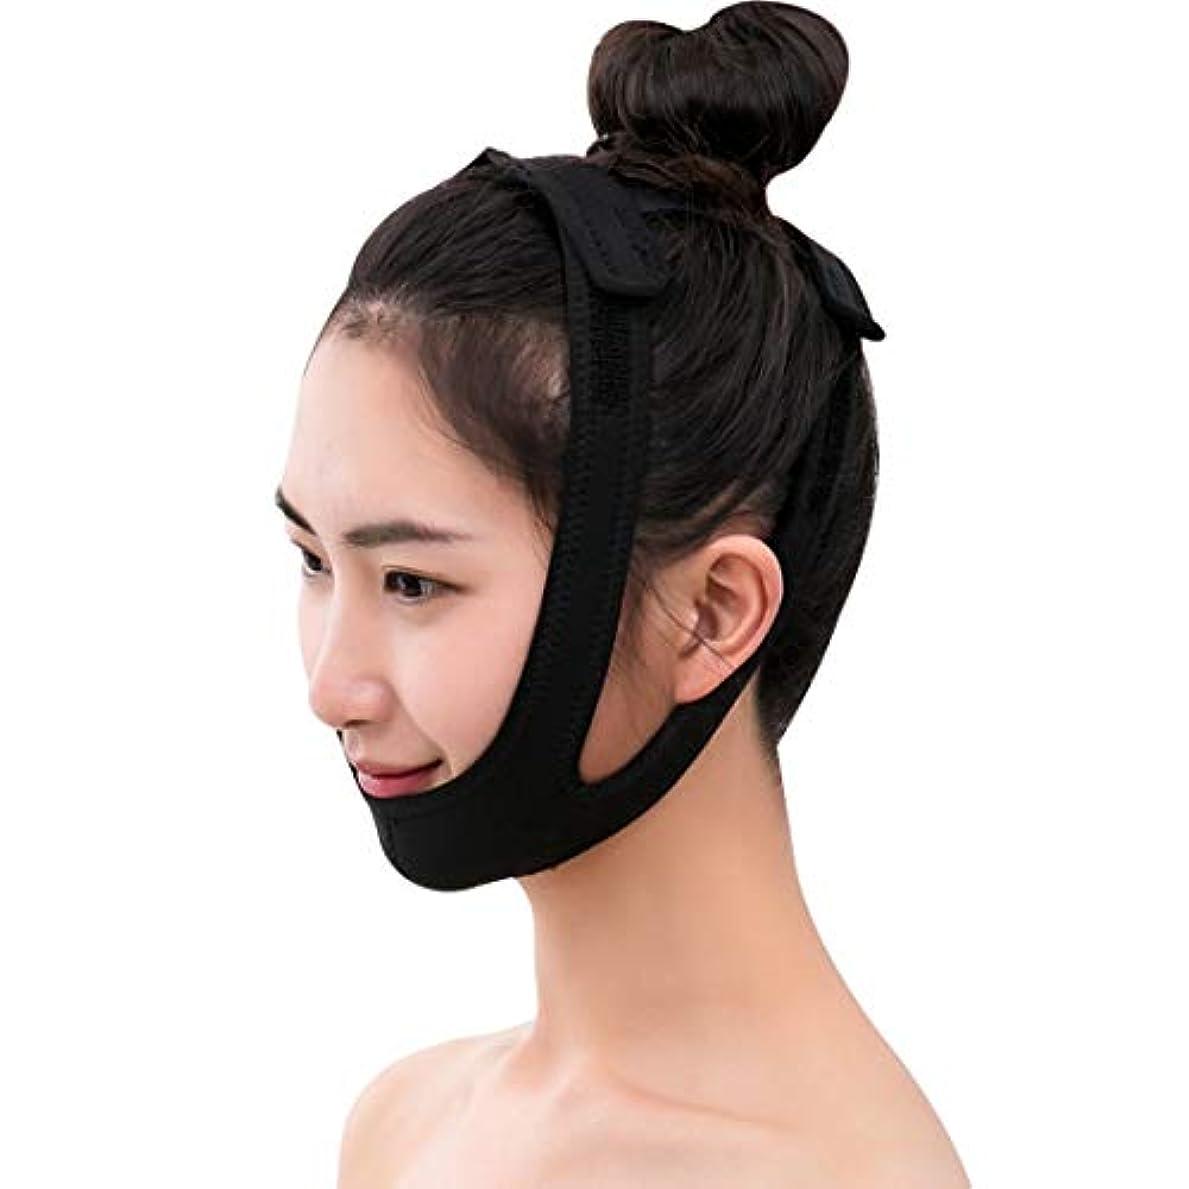 南西脅かす見かけ上ZWBD フェイスマスク, フェイスリフティング包帯マスク小さなVフェイス包帯はツールで引くことができます睡眠薄い顔の顔の持ち上がる美顔のマッサージ調整可能なサイズブラック